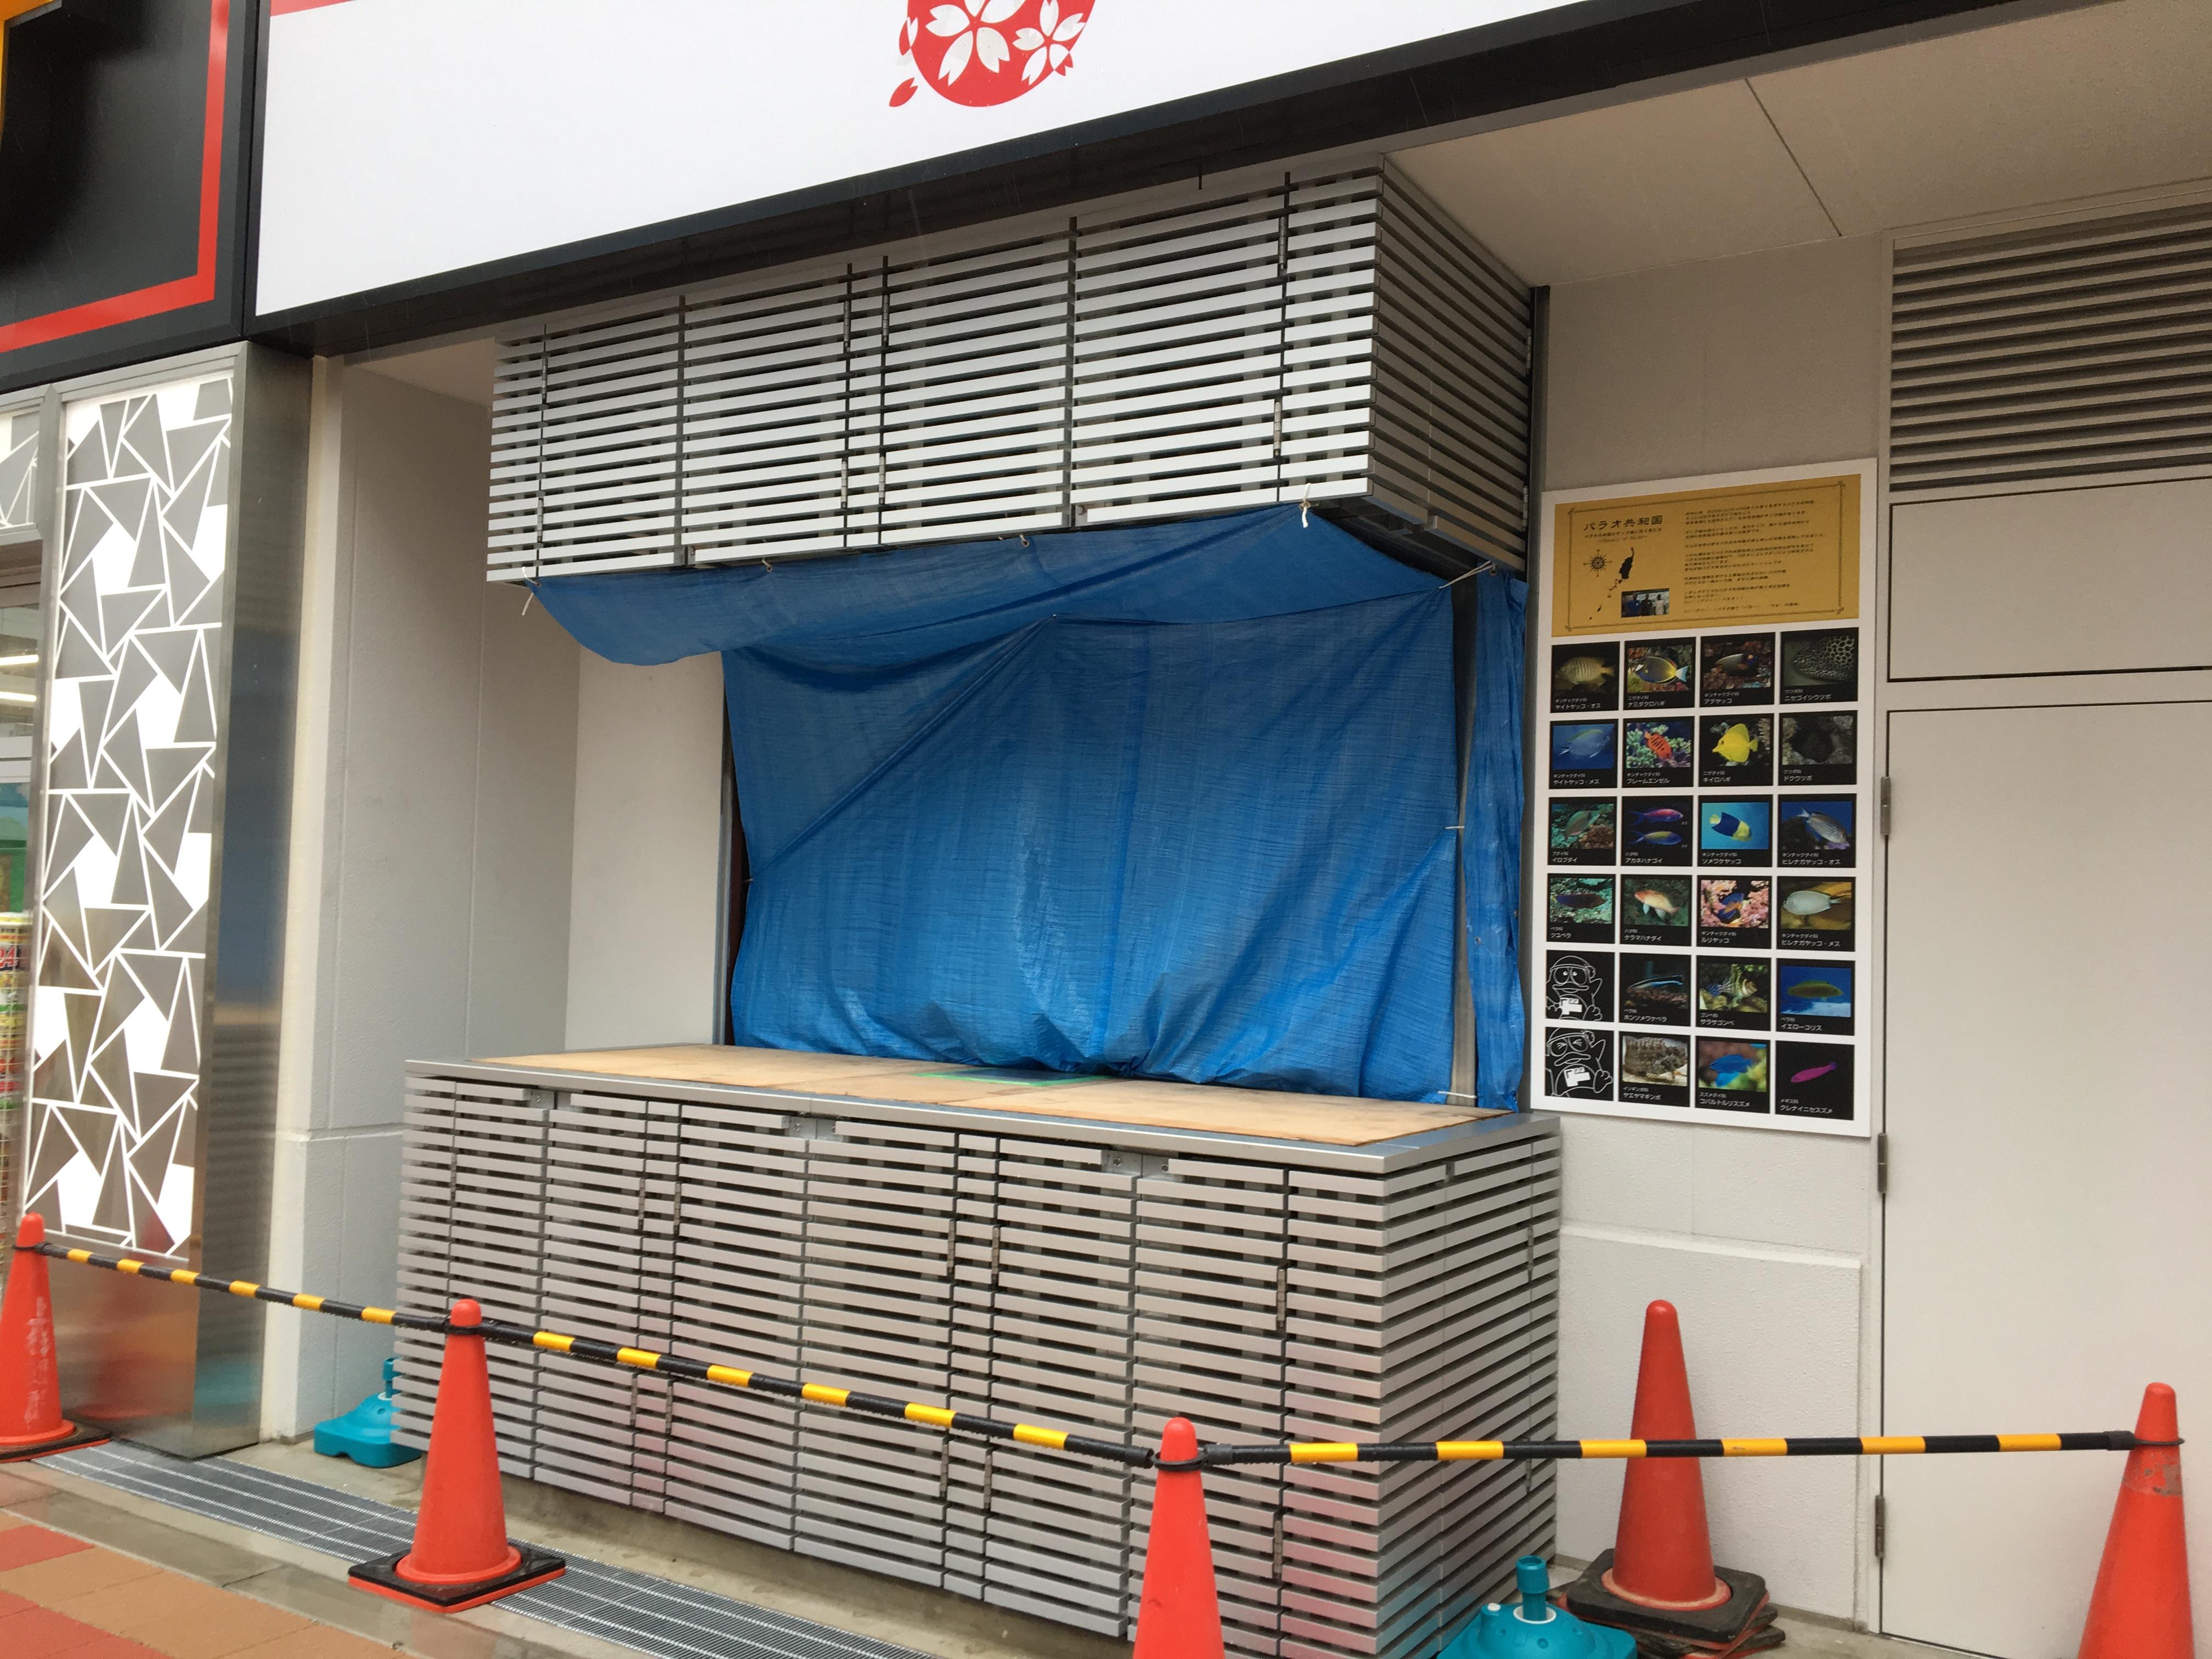 耳つぼダイエットあべの店藤井寺店の無料カウンセリング7月11日までの空き時間